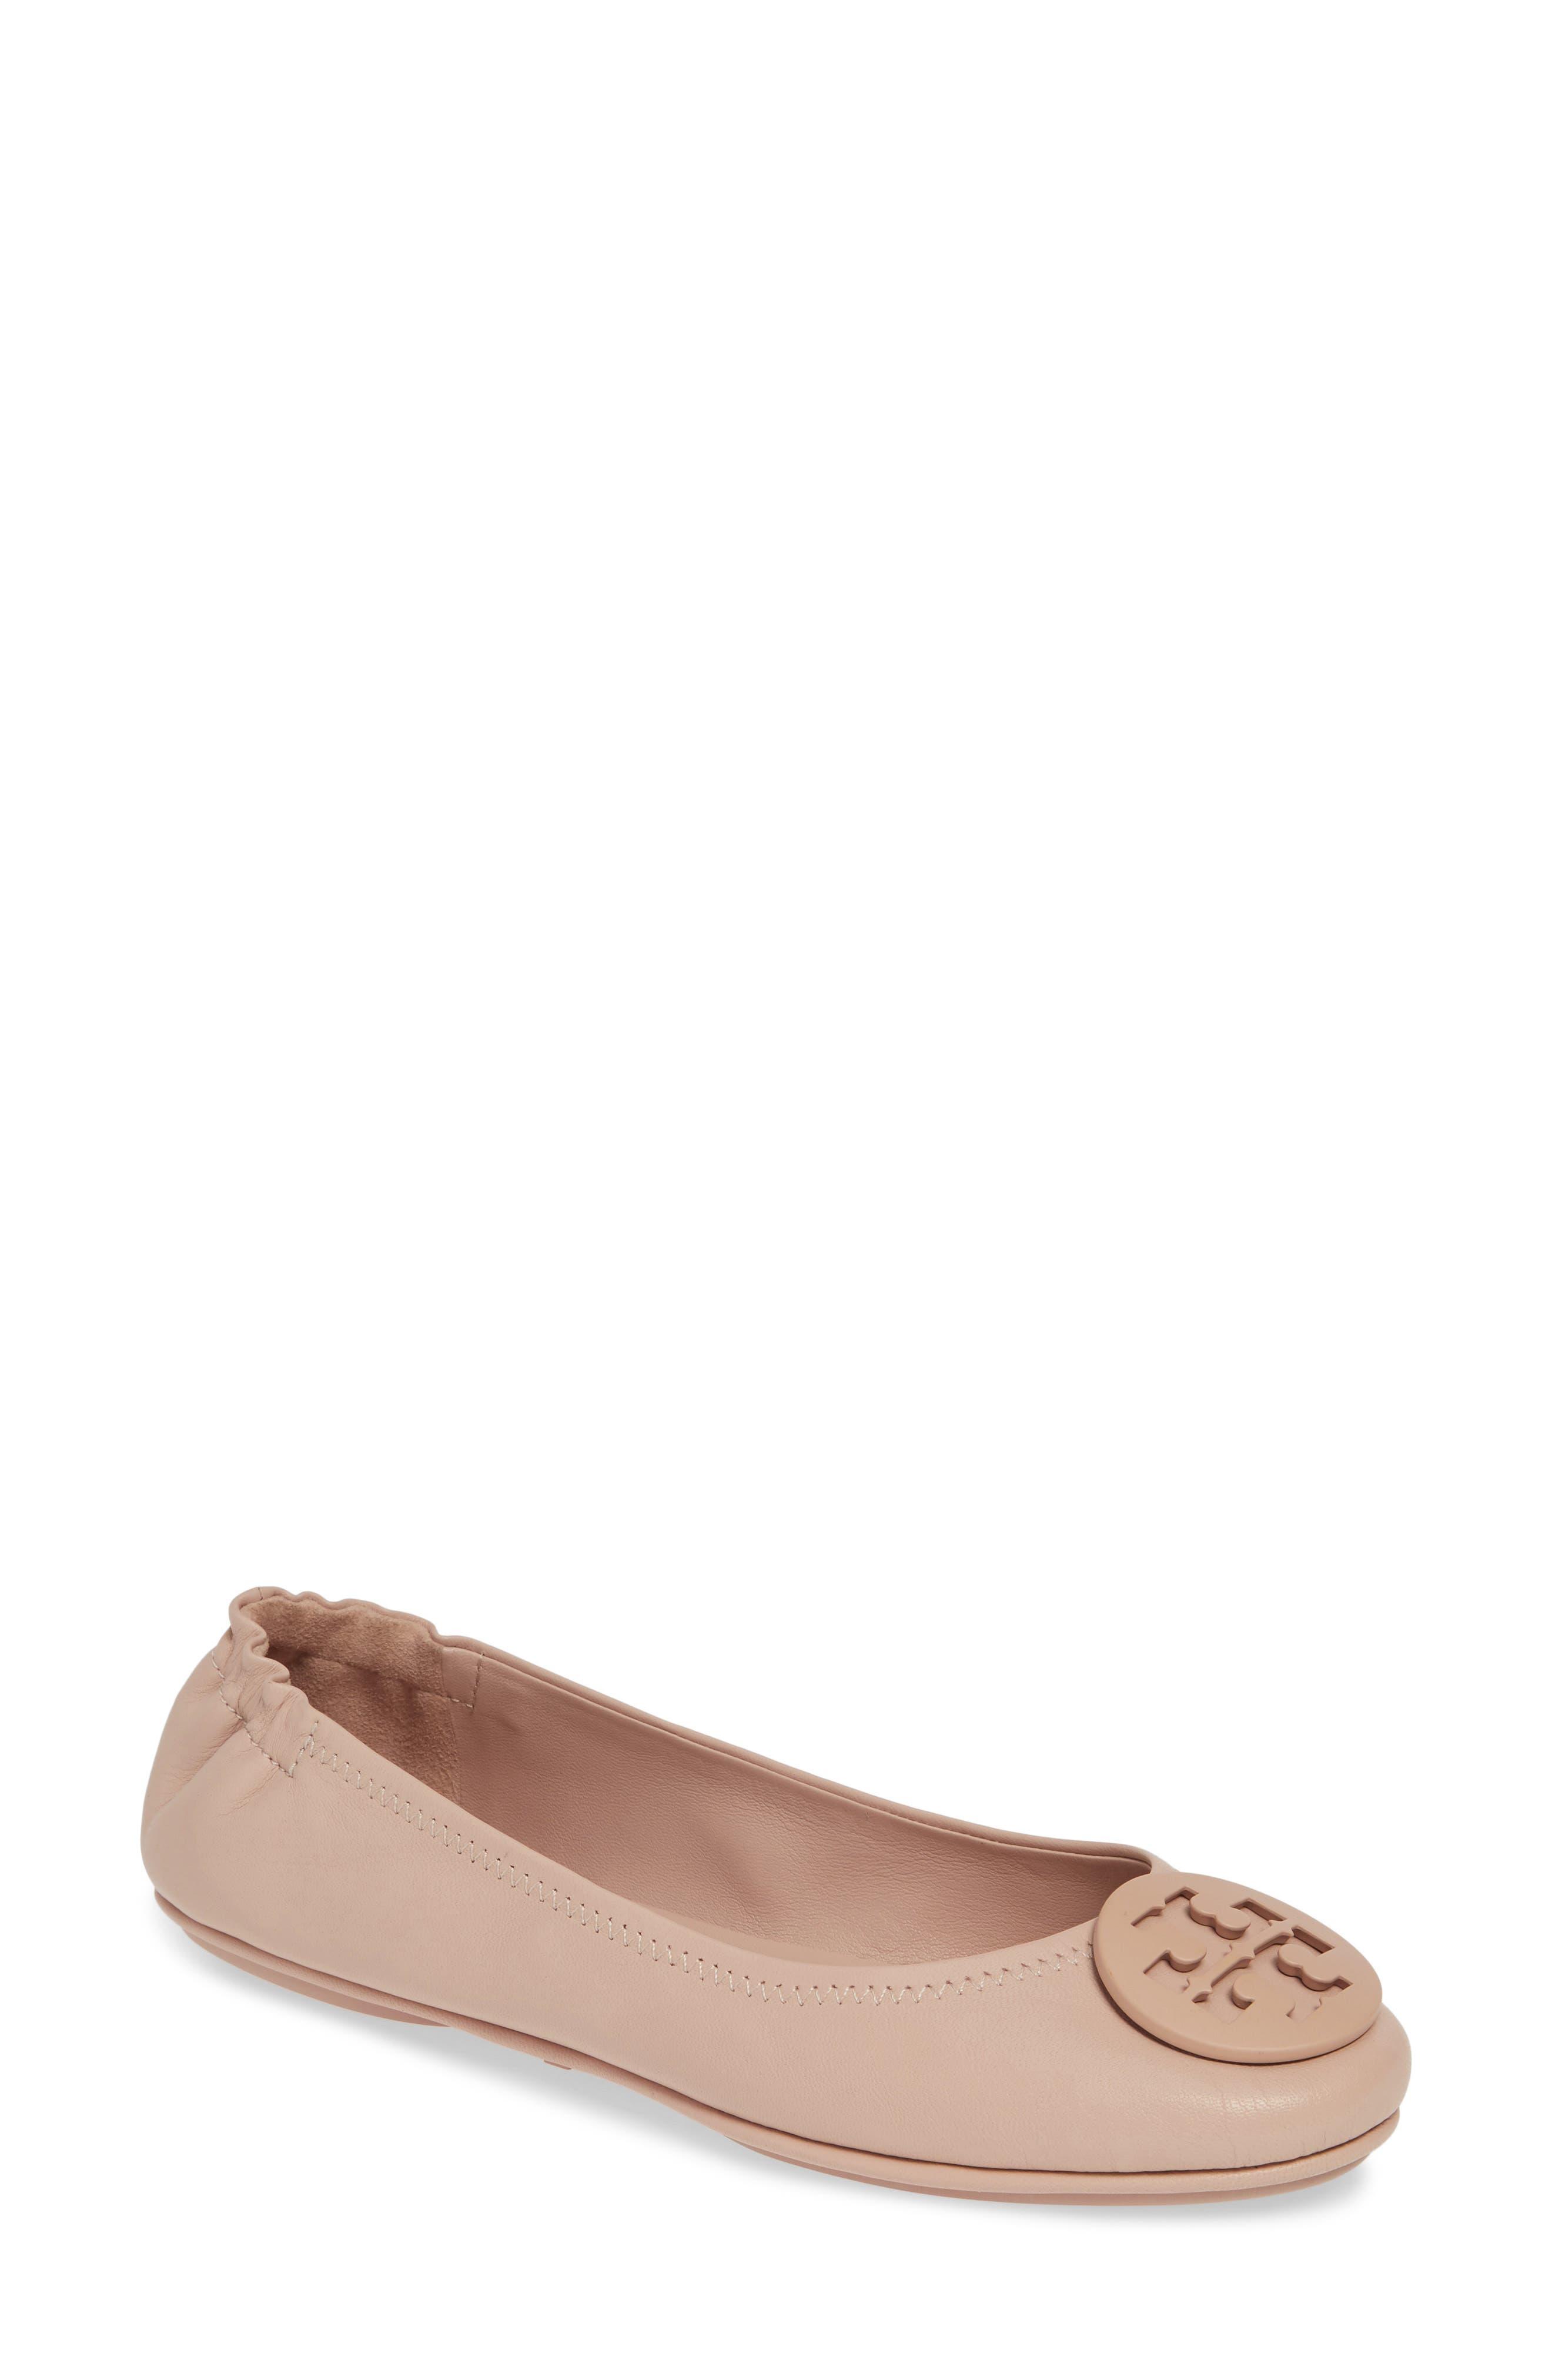 ae13968d06f Tory Burch  Minnie  Travel Ballet Flat